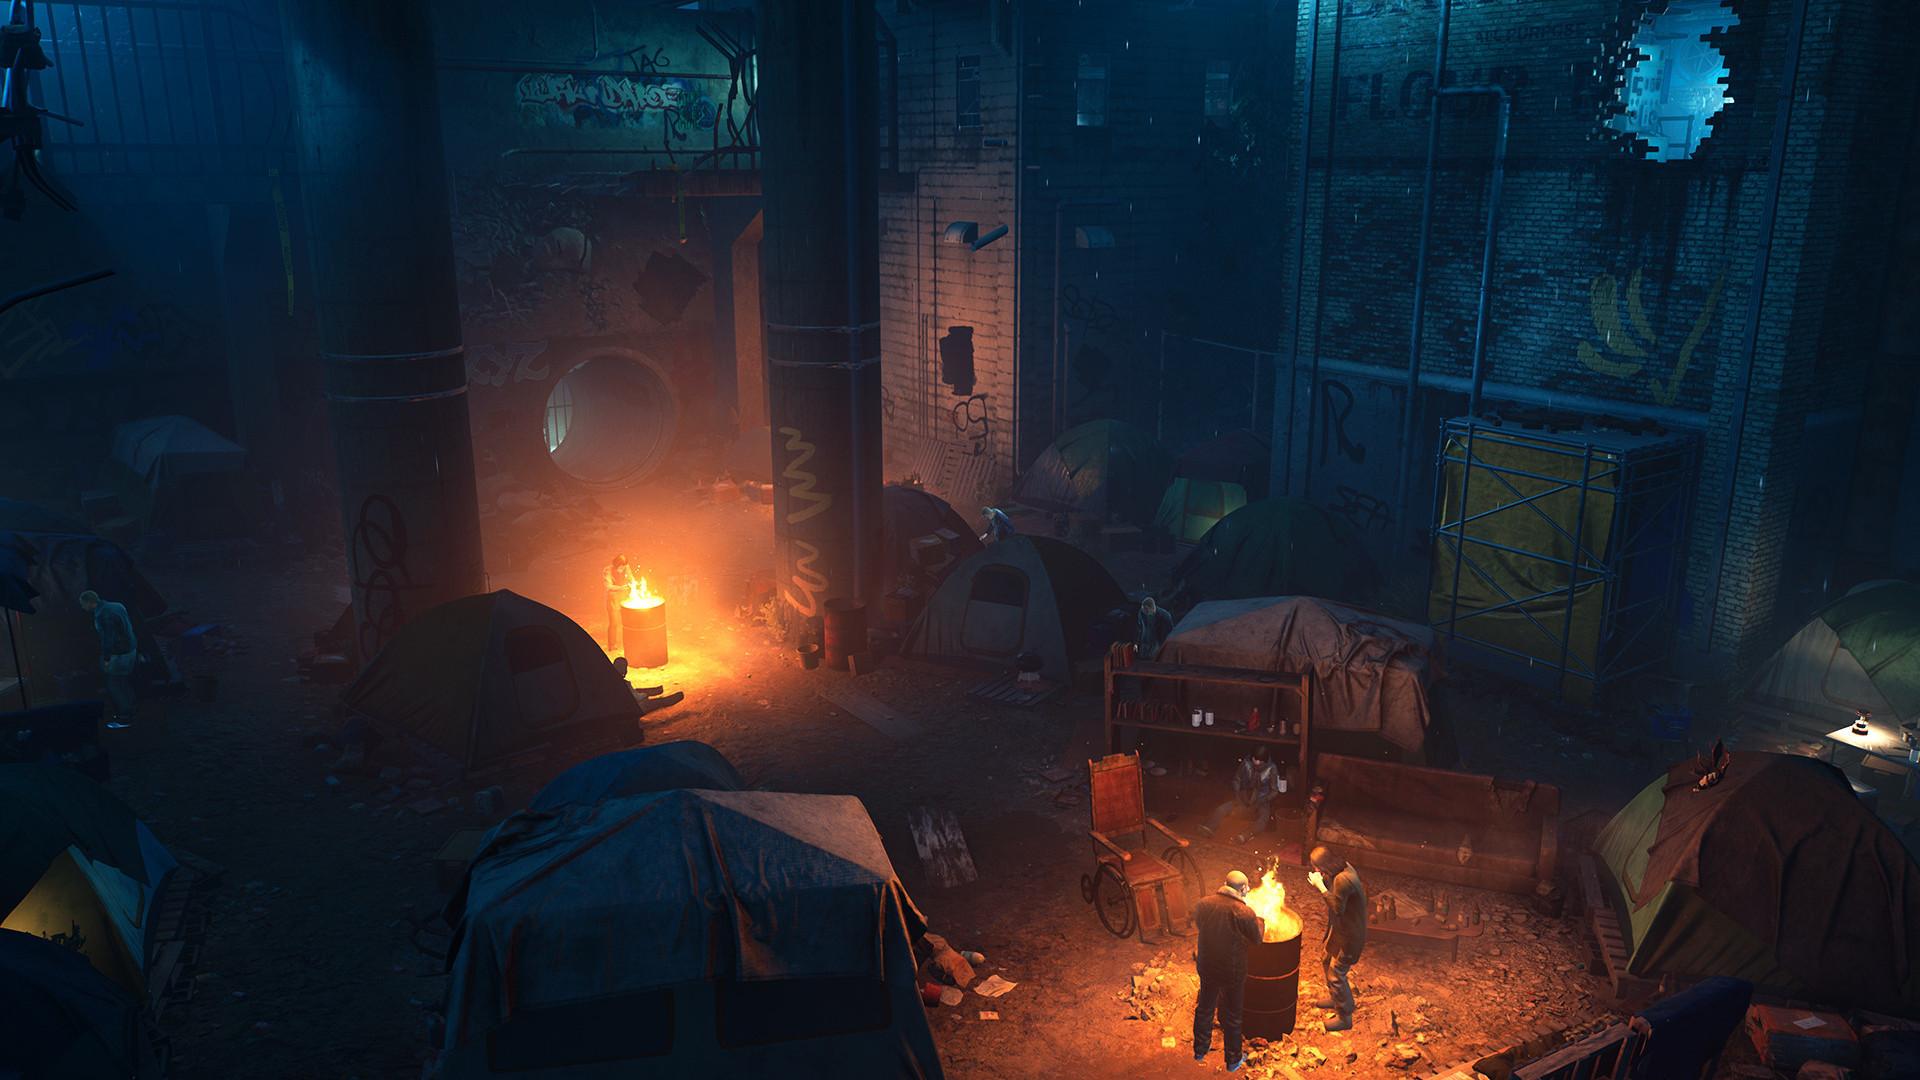 《吸血鬼:避世血族2》确认还将登陆PS5